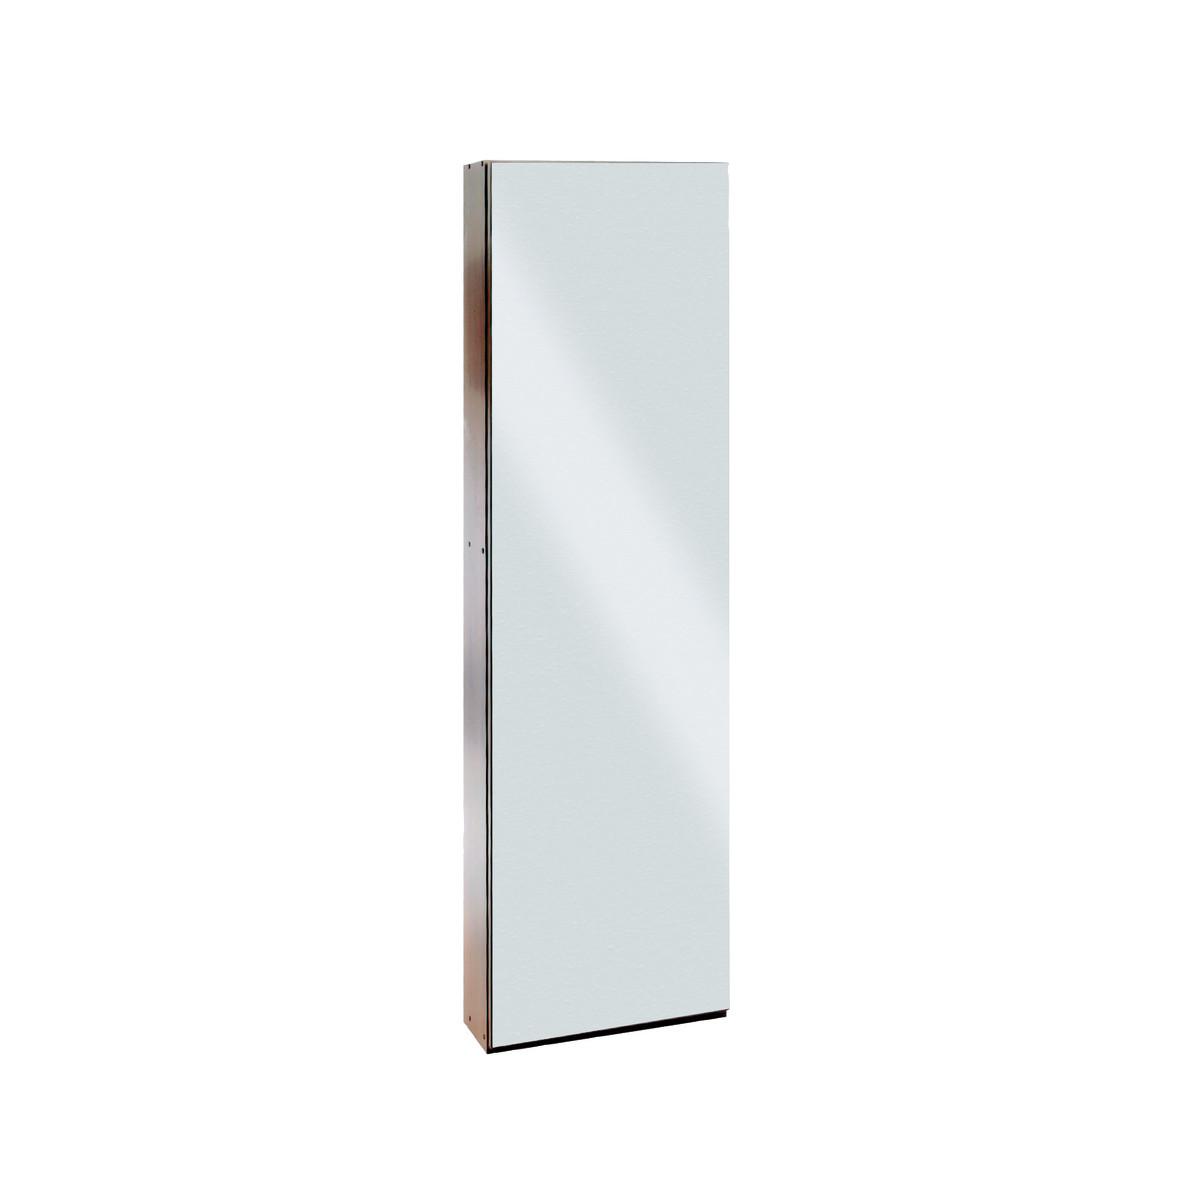 Armadio 1 anta specchio prezzo migliore offerte opinioni recensioni sconti ebay kelkoo - Scarpiera specchio anta unica ...